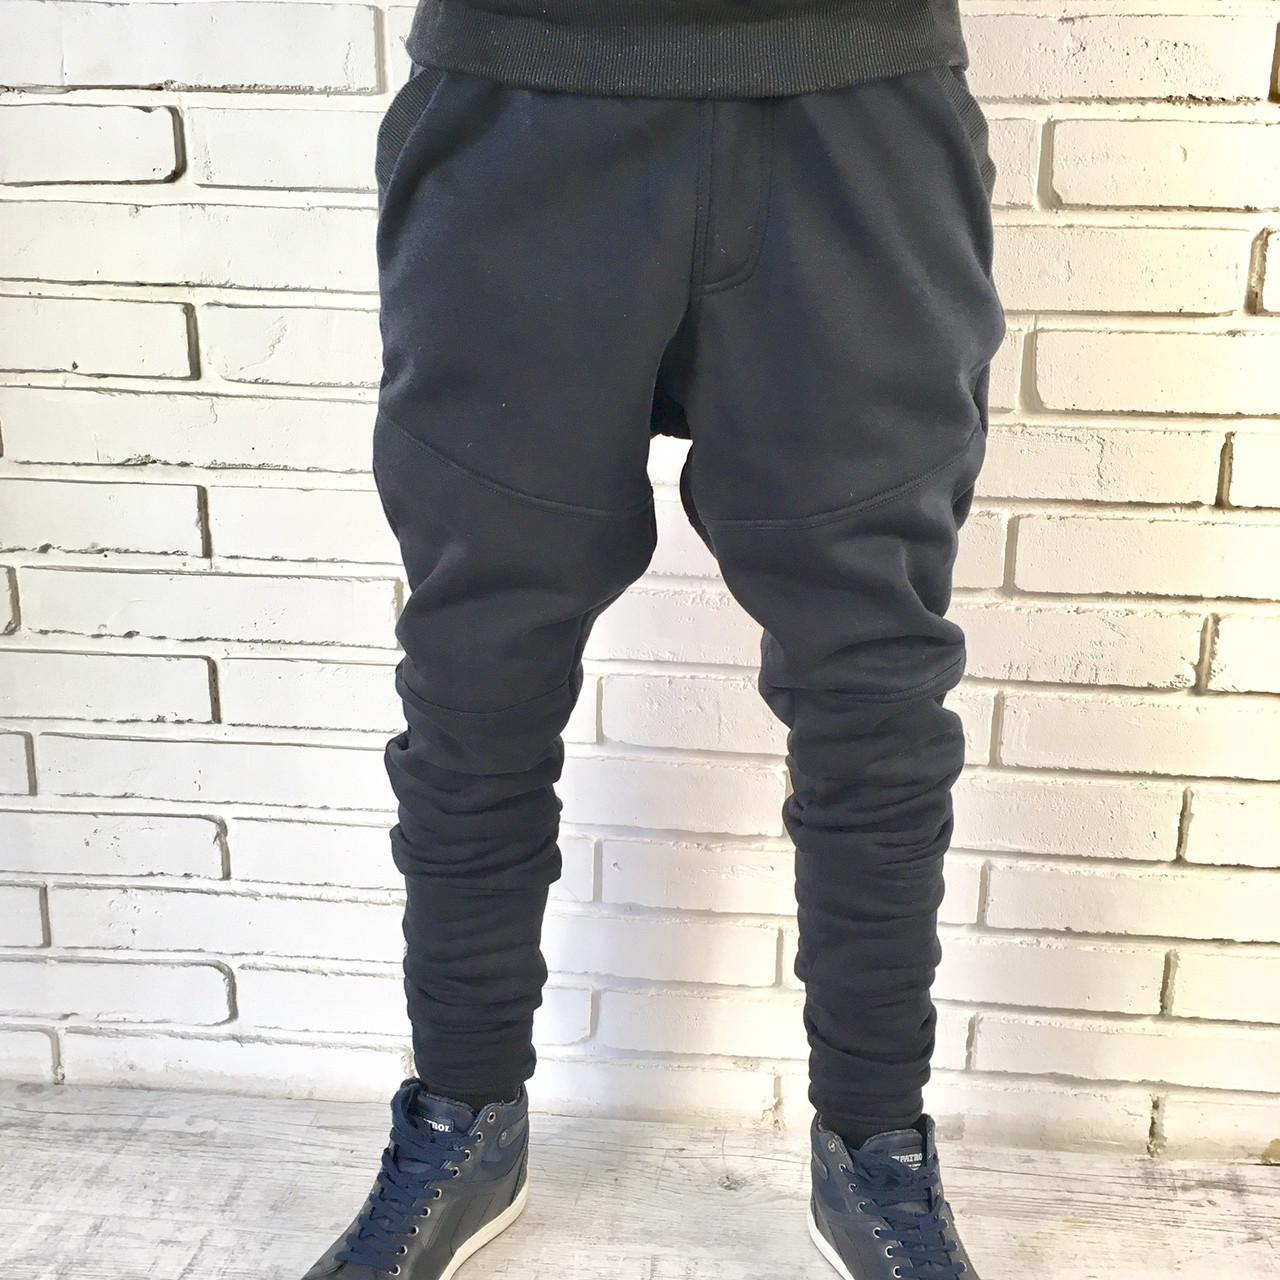 1d54c462 Мужские молодежны тёплые спортивные брюки. Зауженные до колен. -  Интернет-магазин ОПТОМ от